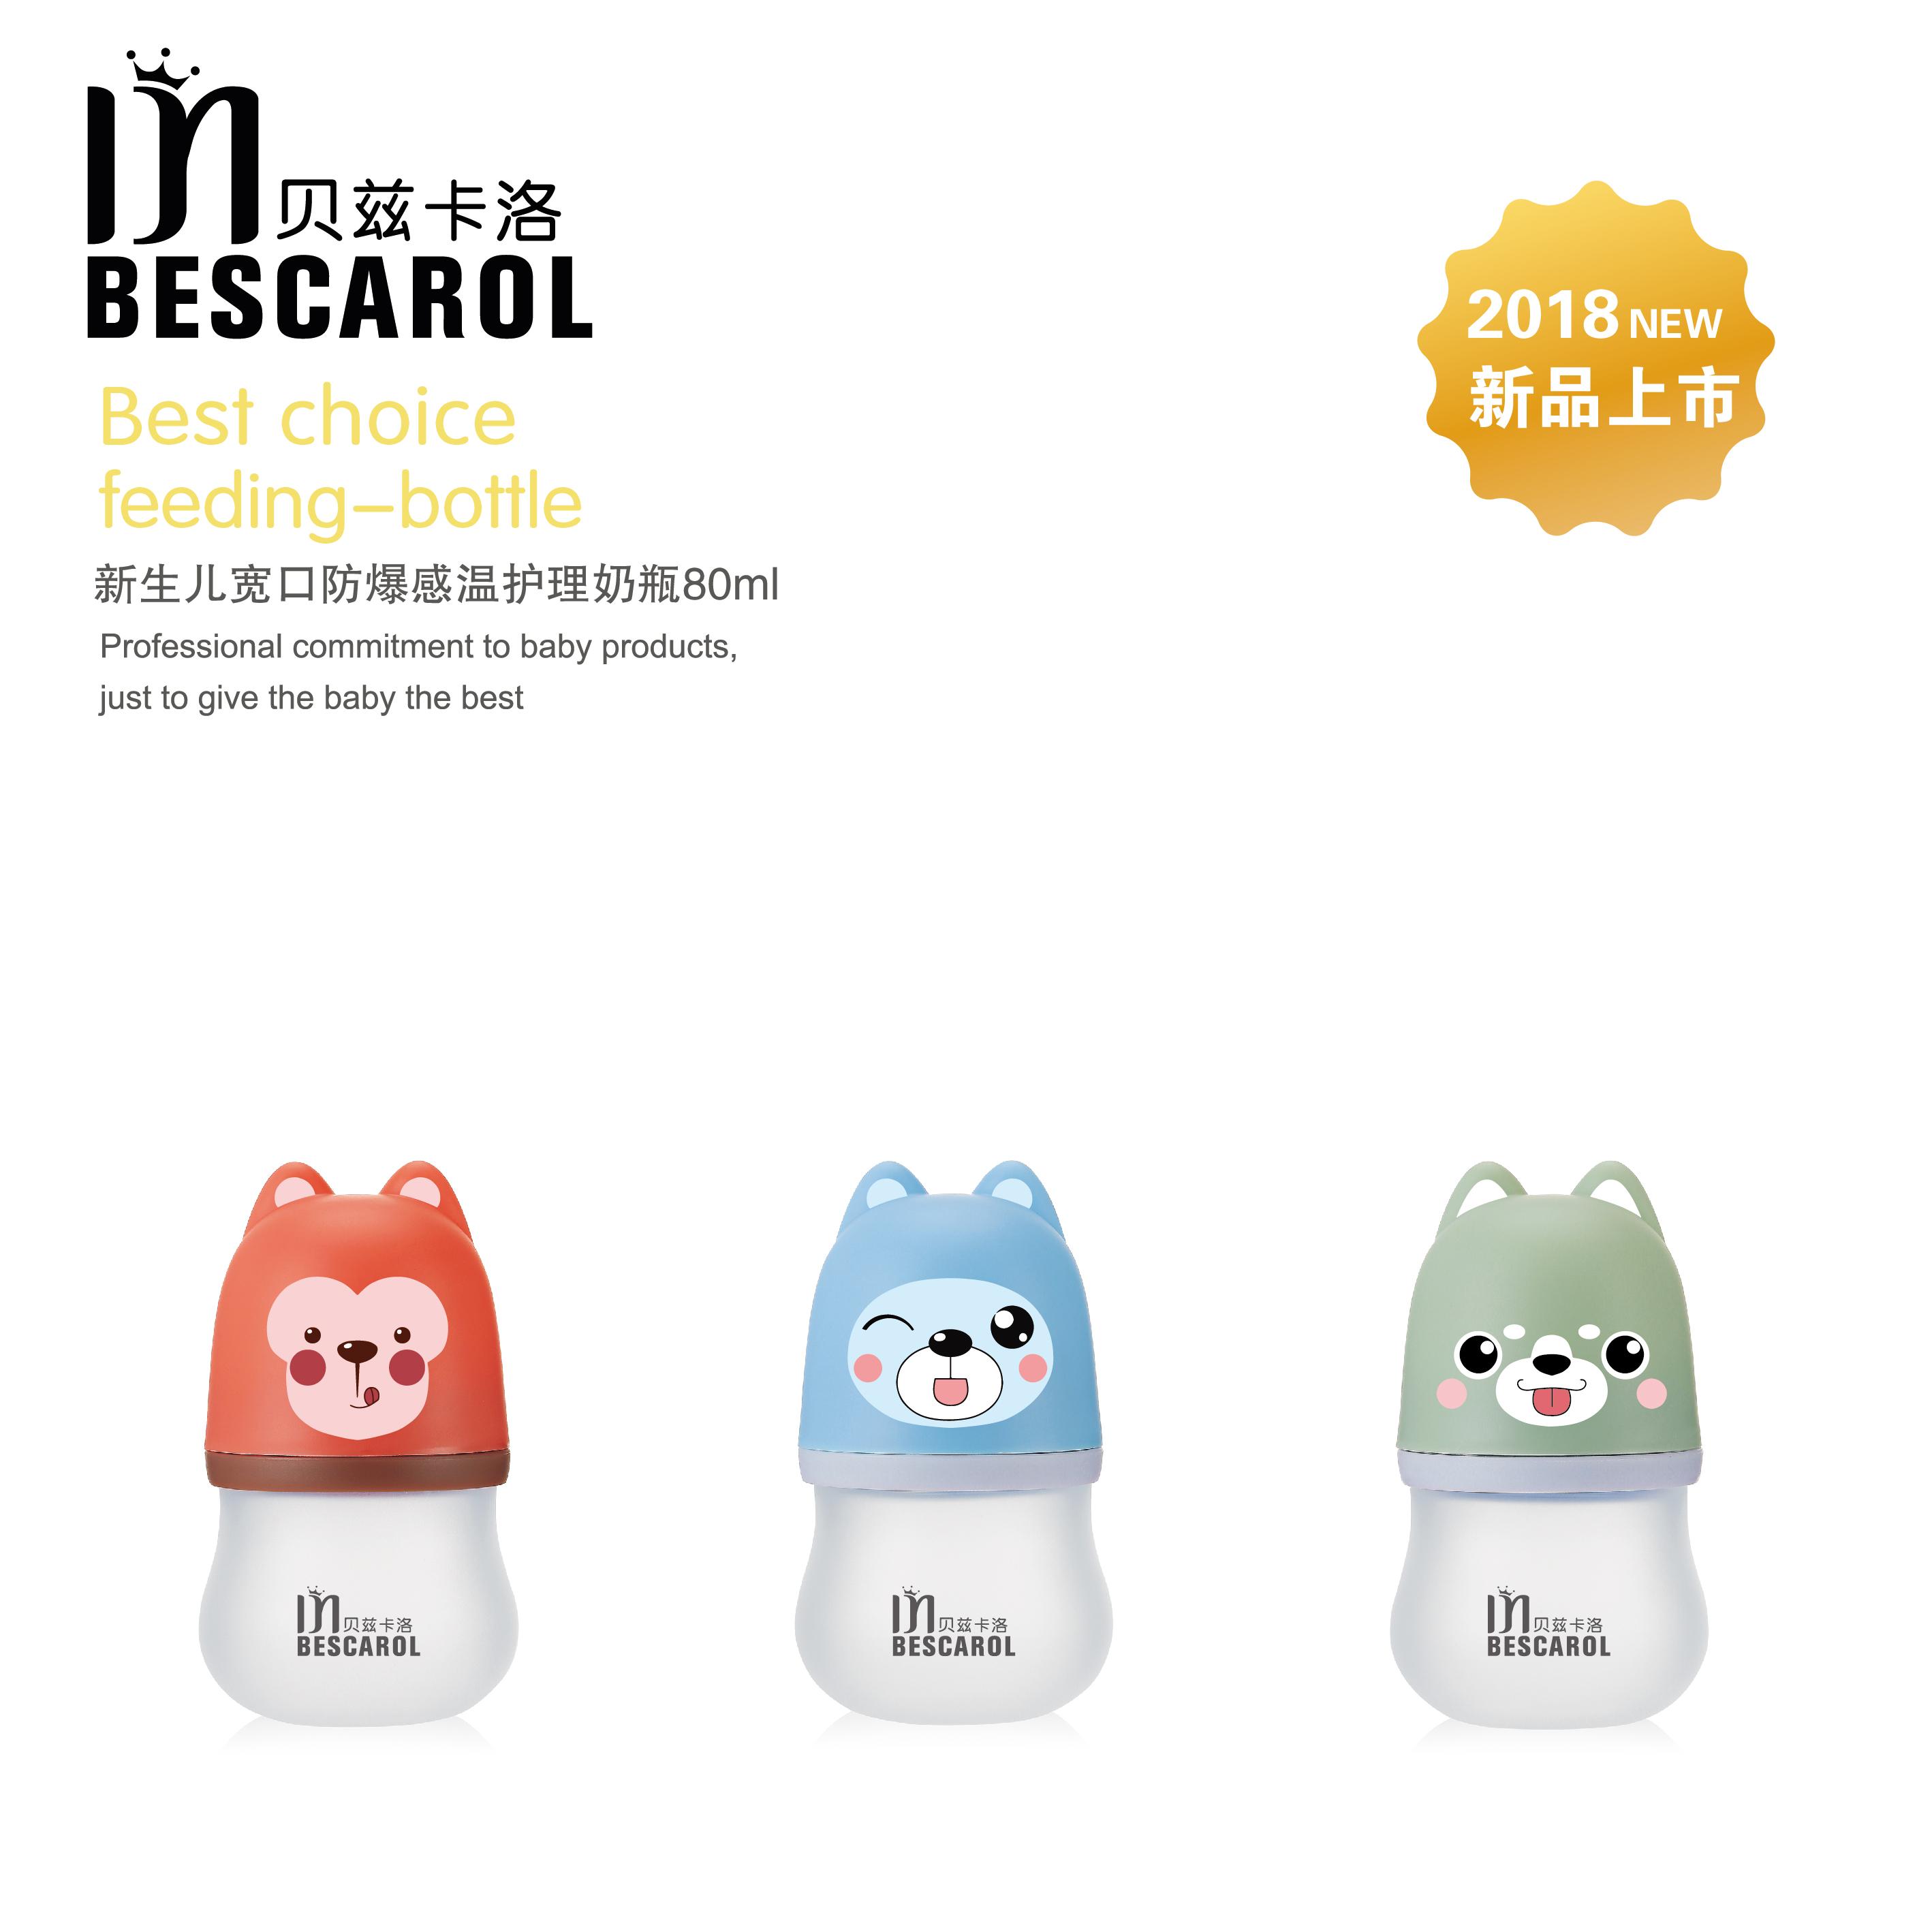 uangzhou Mimi Rabbit Baby Products Co., Ltd..